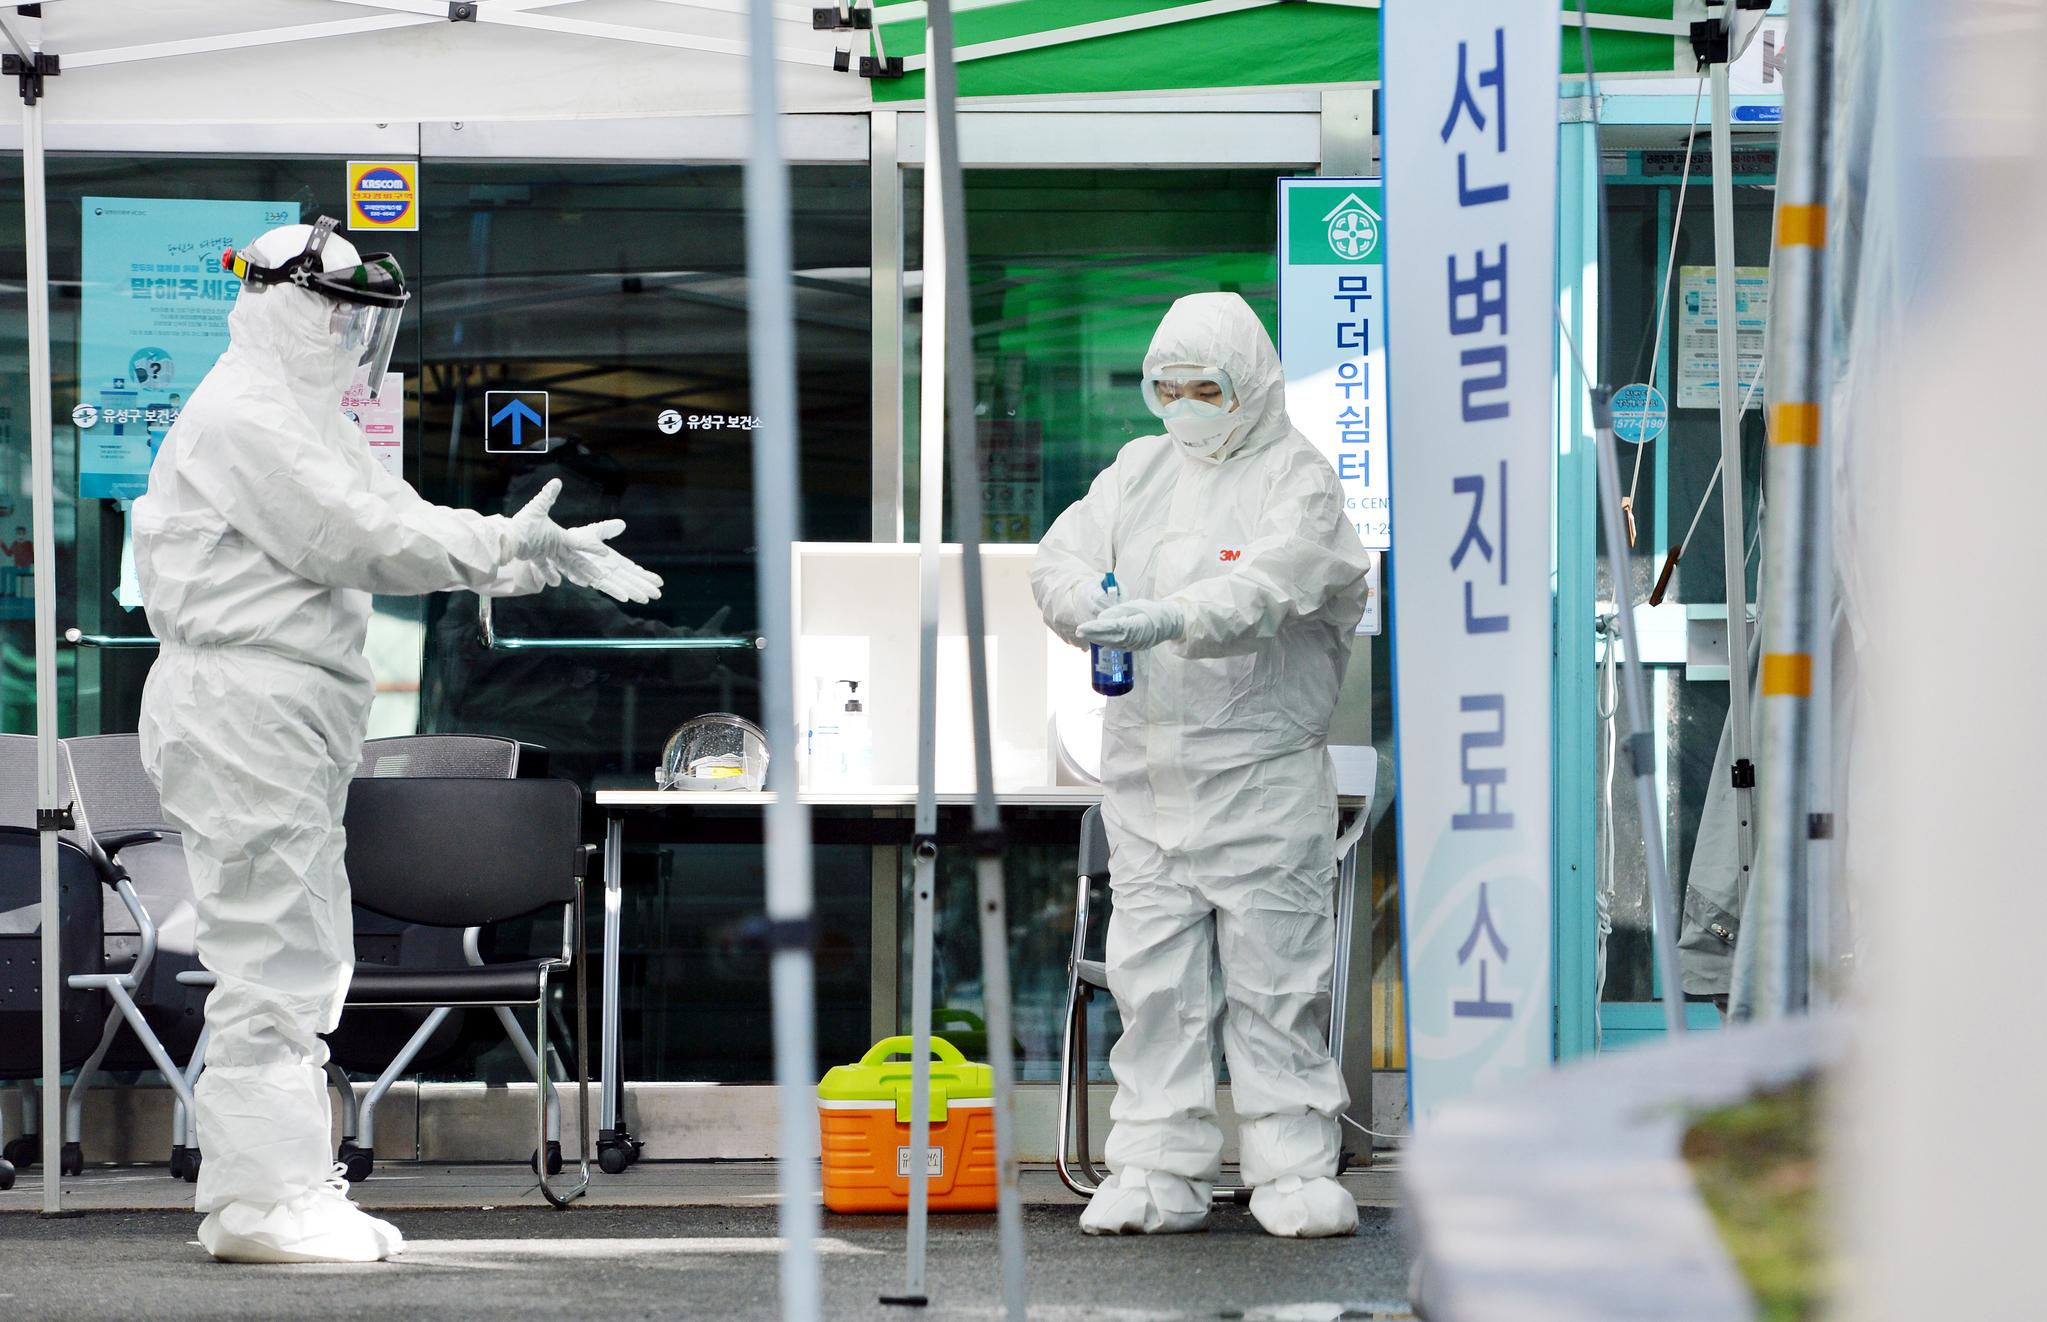 신종 코로나 바이러스 감염증(코로나19)이 전국적으로 확산하는 가운데 26일 대전 유성구보건소 선별진료소에서 의료진들이 보호복과 마스크 등 보호장구를 착용하고 분주하게 움직이고 있다. 프리랜서 김성태